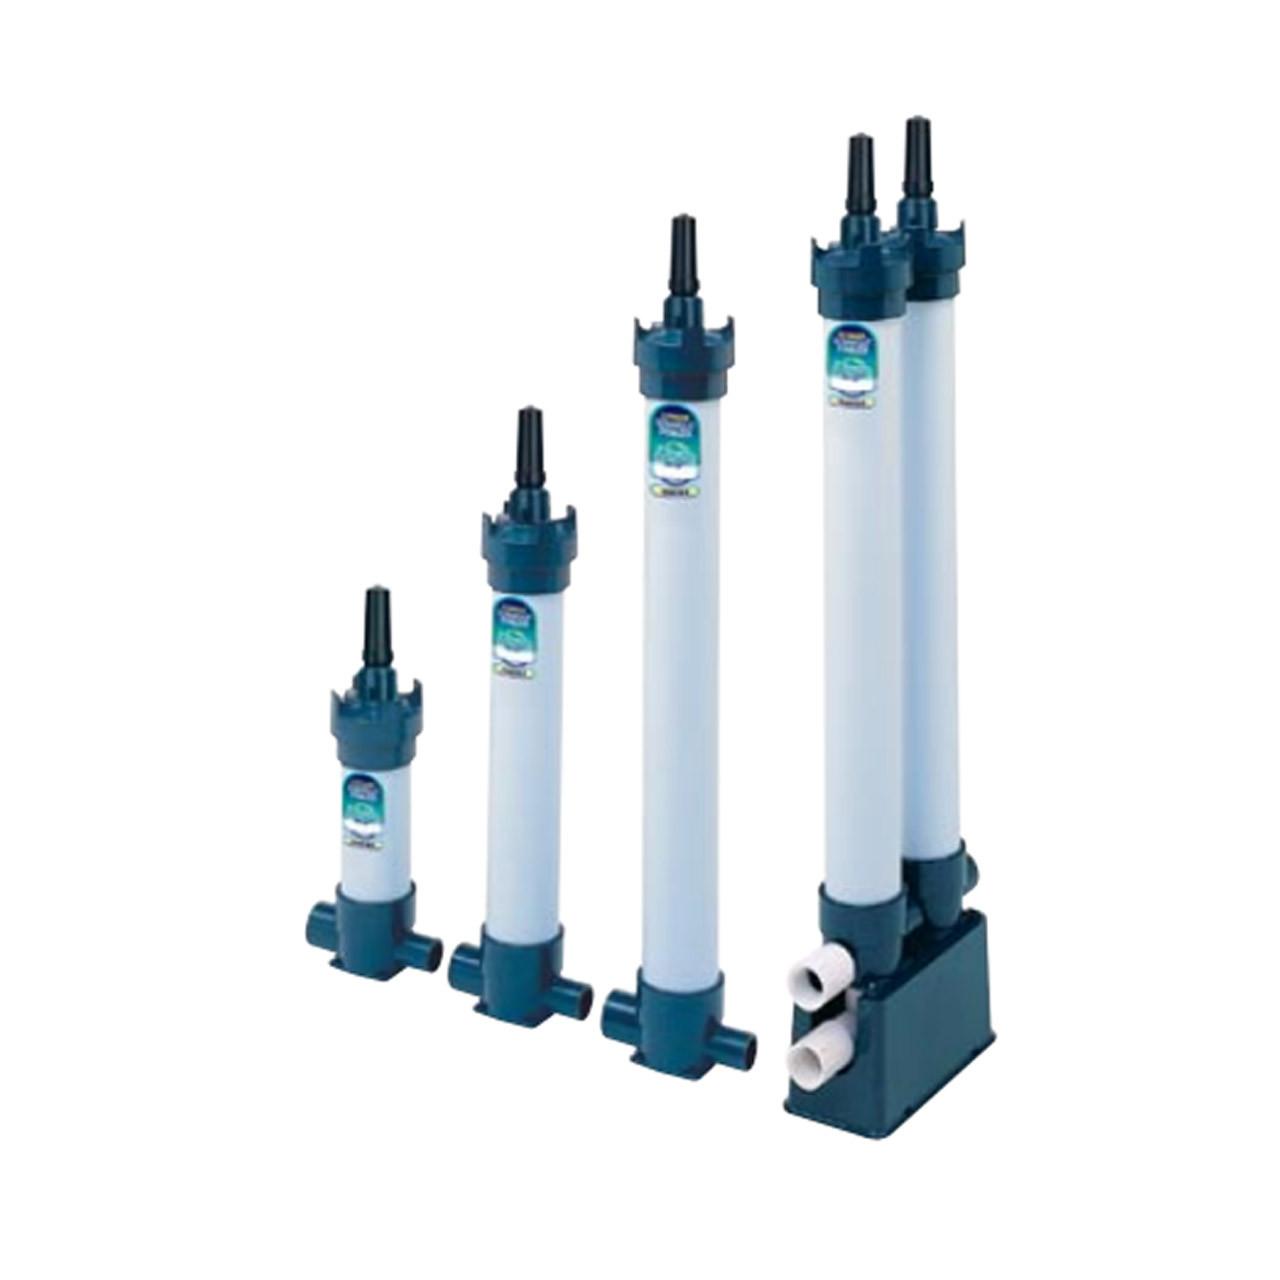 Modulos esterilizadores UV Serie QL Lifeguard Aquatics 15 a 25 watts